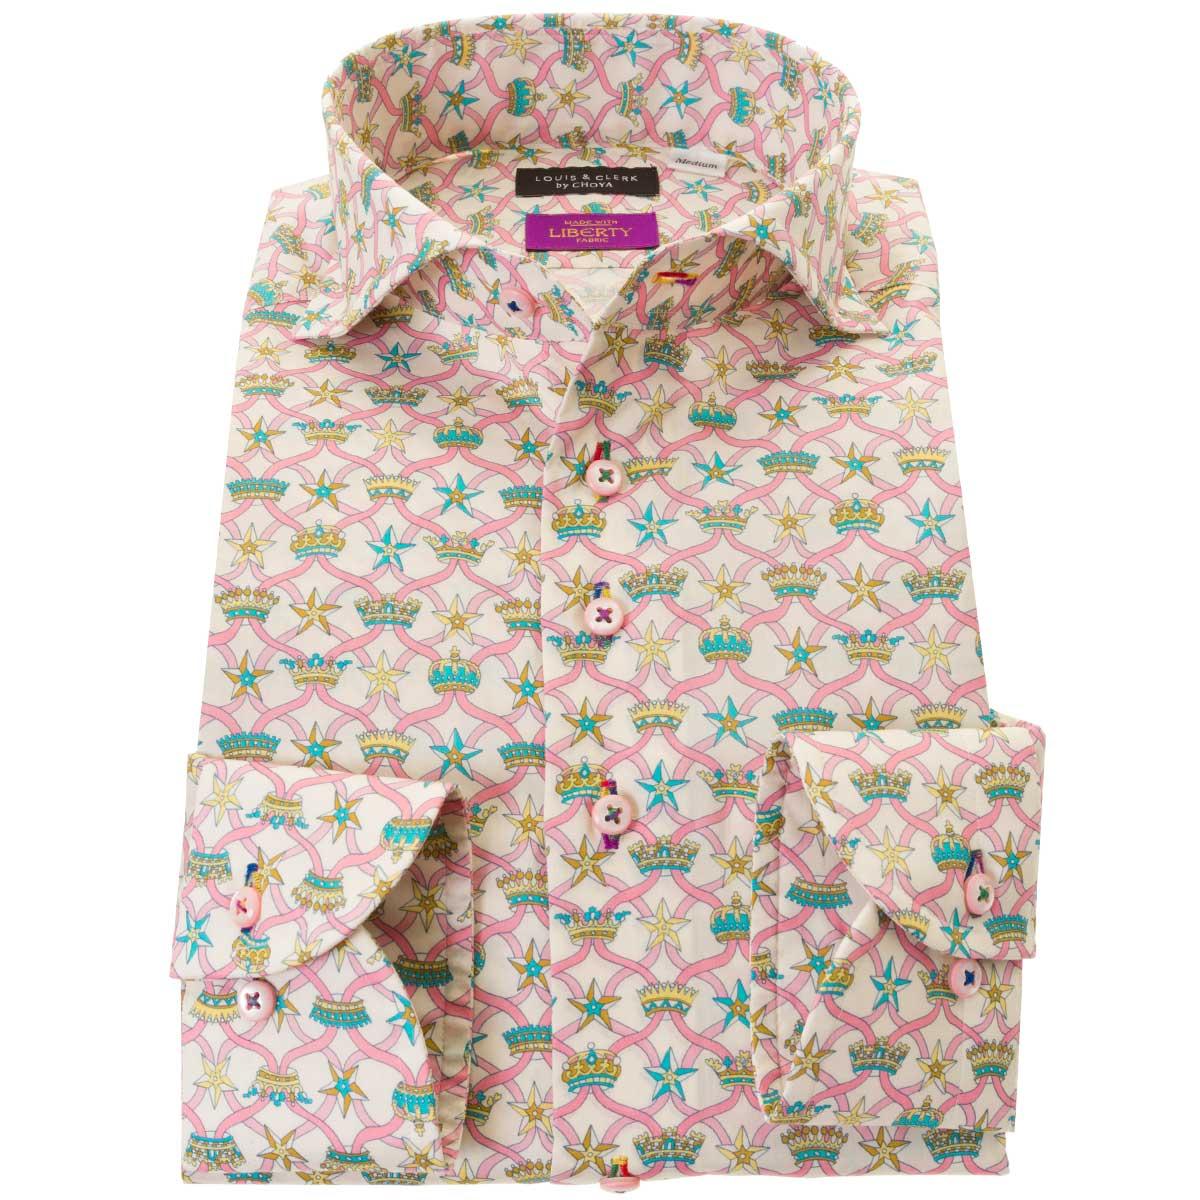 ドレスシャツ ワイシャツ シャツ メンズ リバティプリント 国産 長袖 コンフォート カッタウェイワイド 胸ポケット無 ウィンザー・リボン タナローン